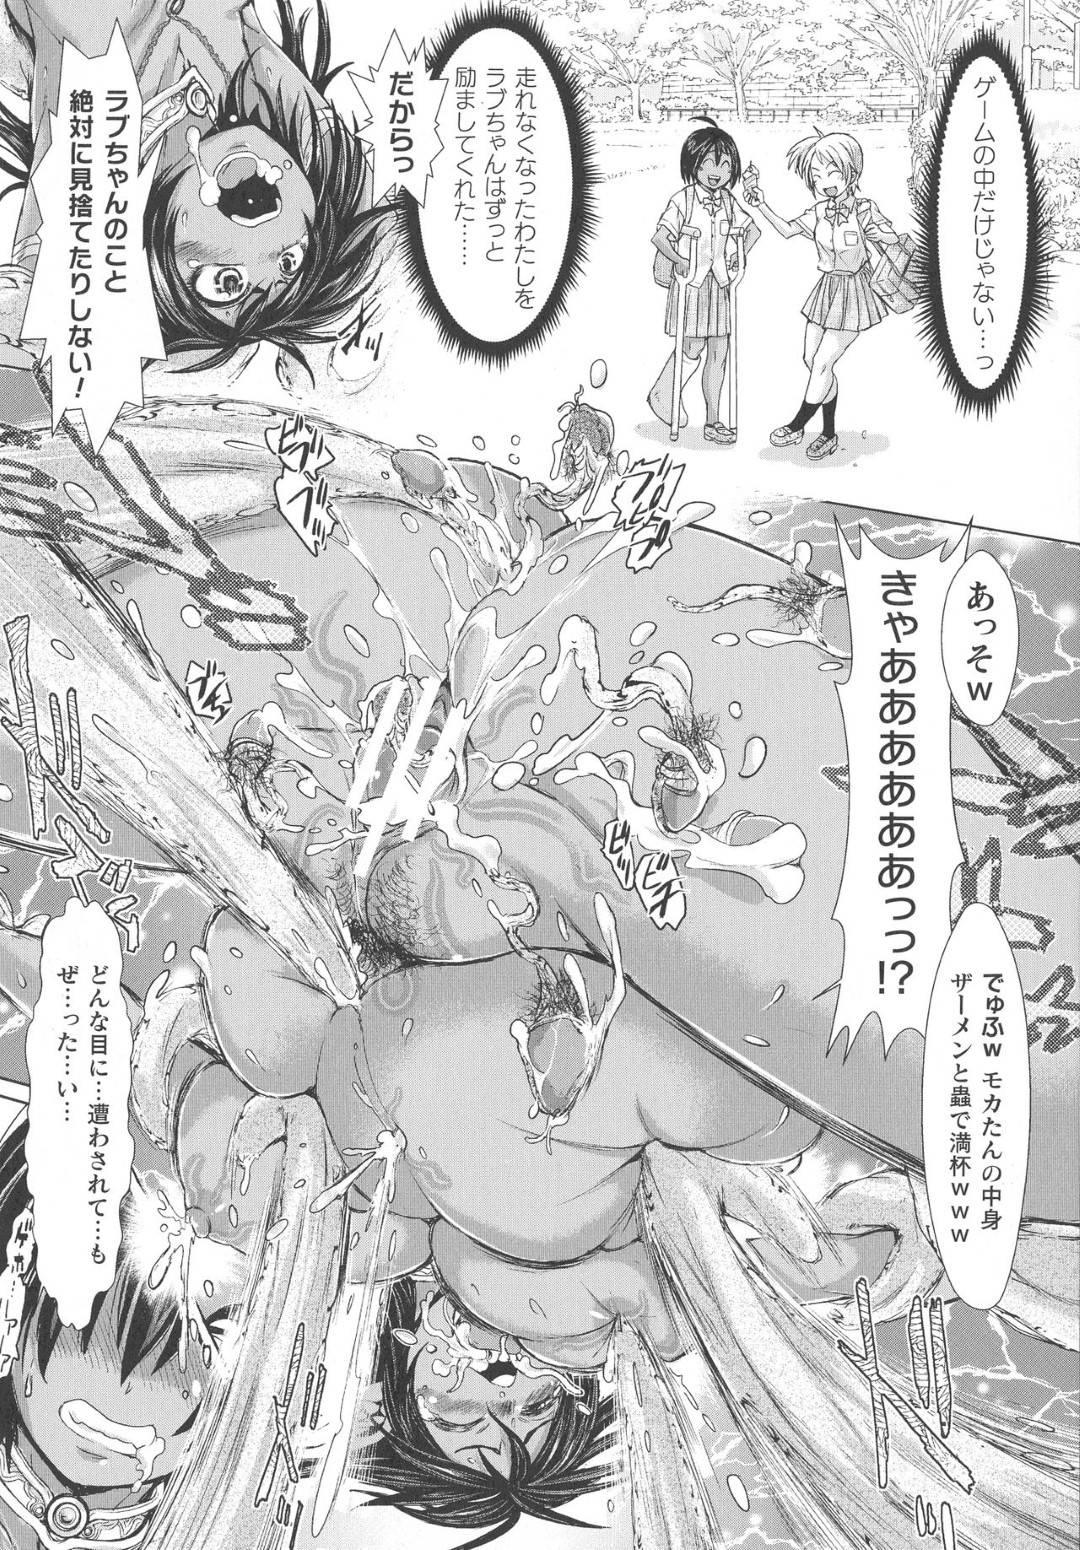 【エロ漫画】VRゲームの世界でキモ男子に触手責めにされる褐色爆乳お姉さん…触手ふたなりちんぽを生やされ先に捕まった友達に強制レイプさせられアナルも犯されて絶頂してしまう【石野鐘音:最深階層の触手地獄】